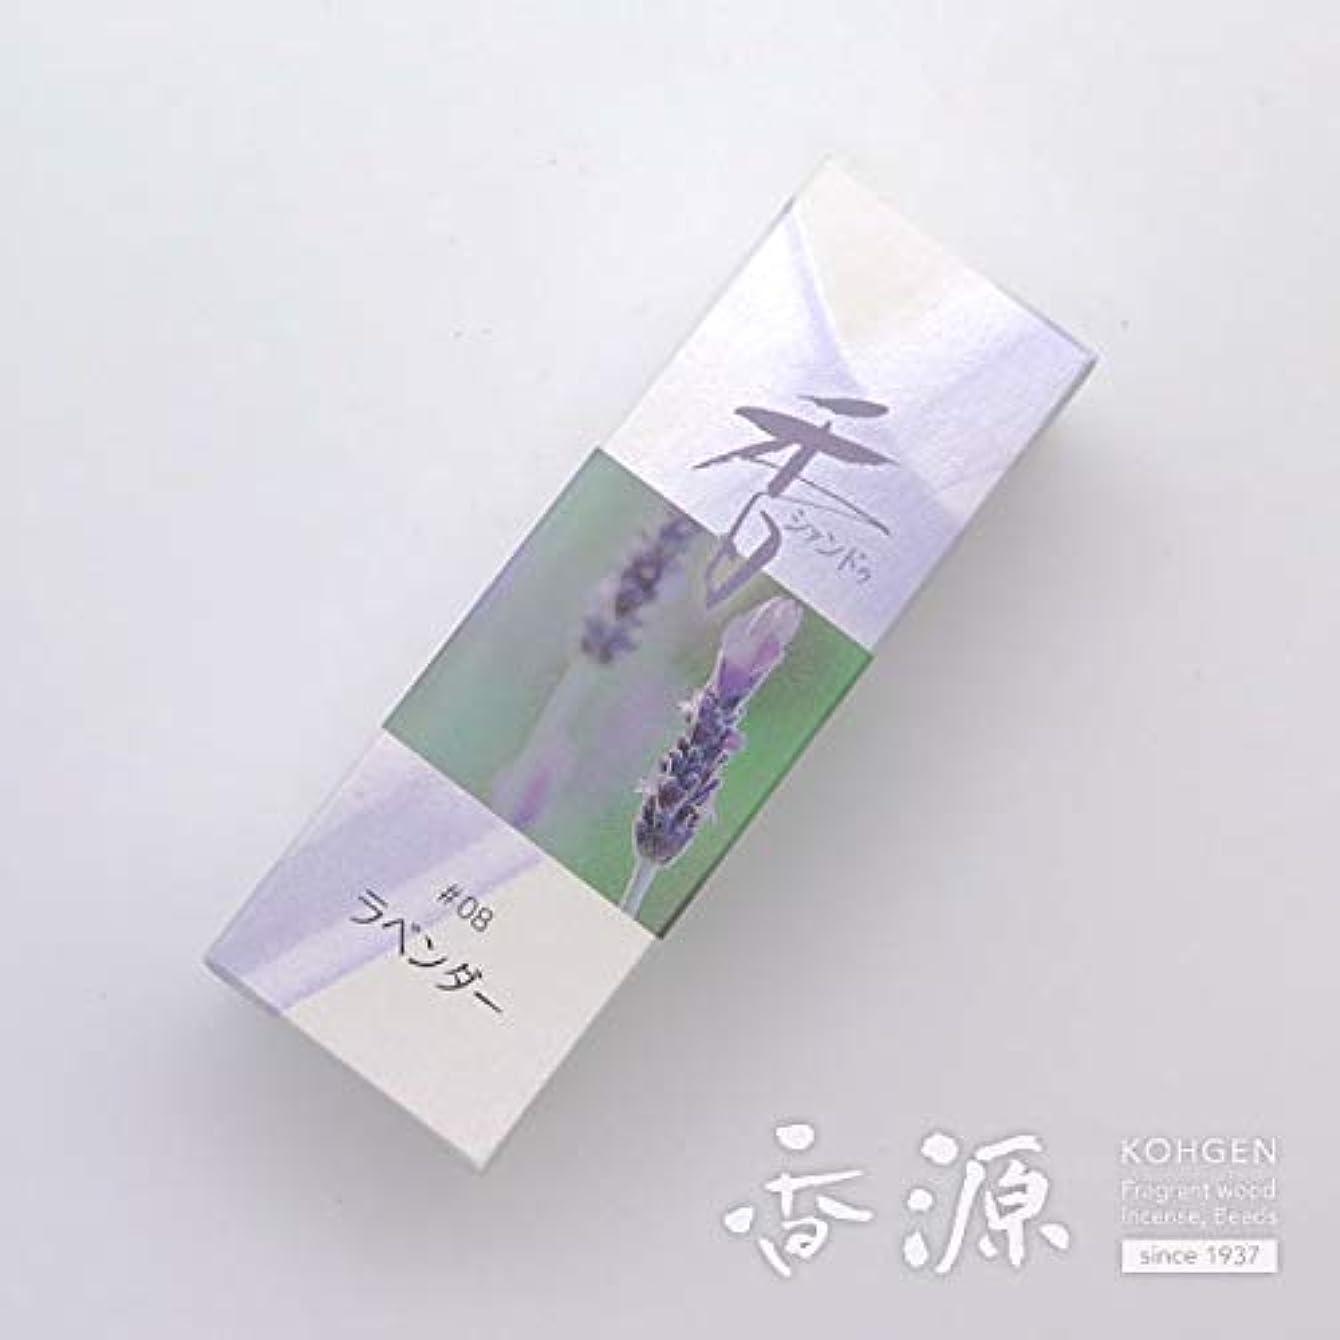 保険ブレンド立場松栄堂のお香 Xiang Do ラベンダー ST20本入 簡易香立付 #214208